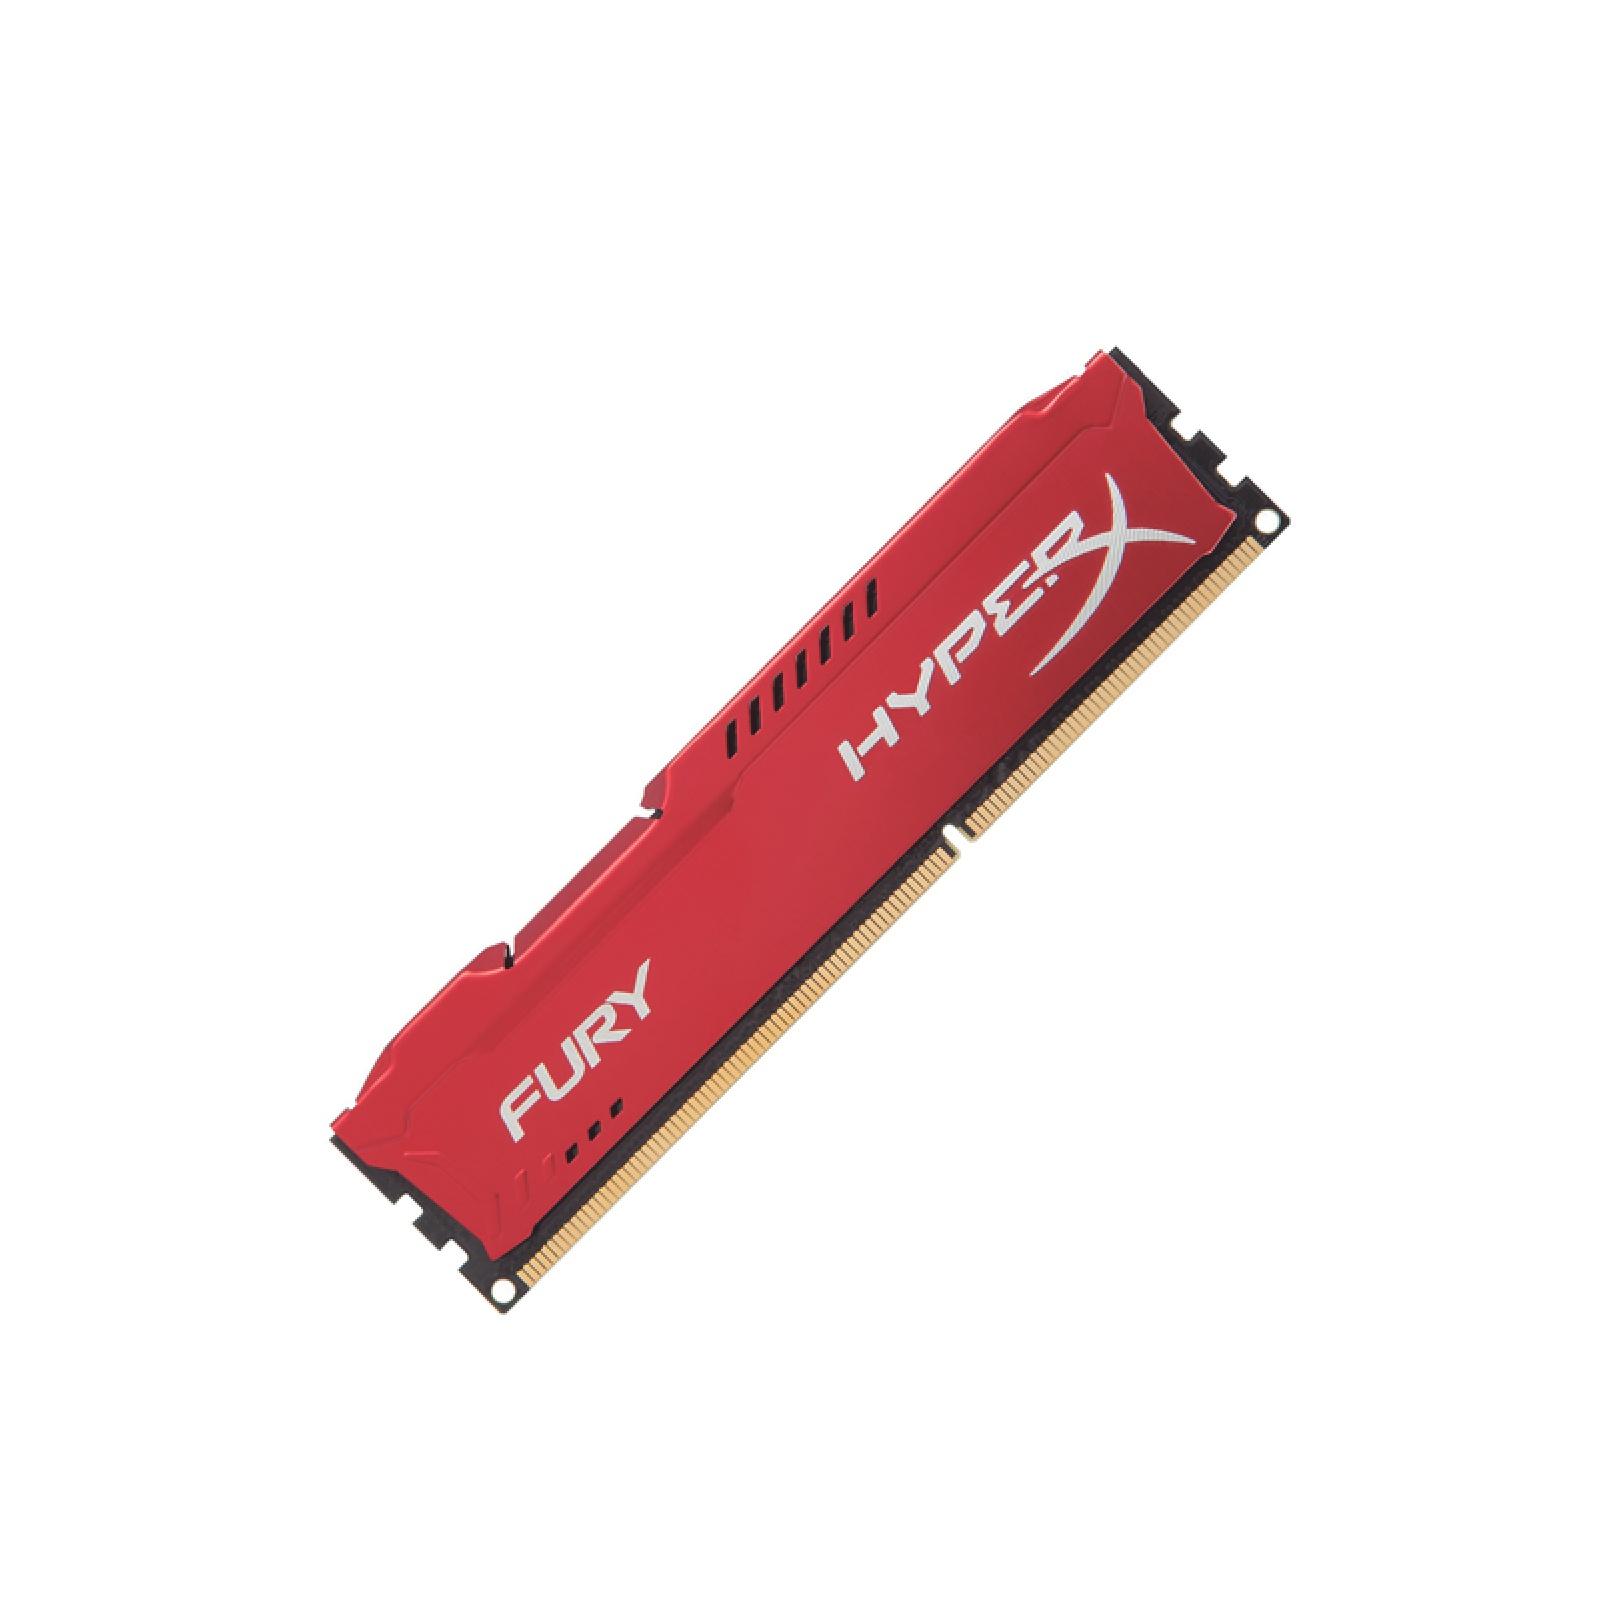 Ddr3 4GB 1600mhz   Hyperx Fury  Kingston